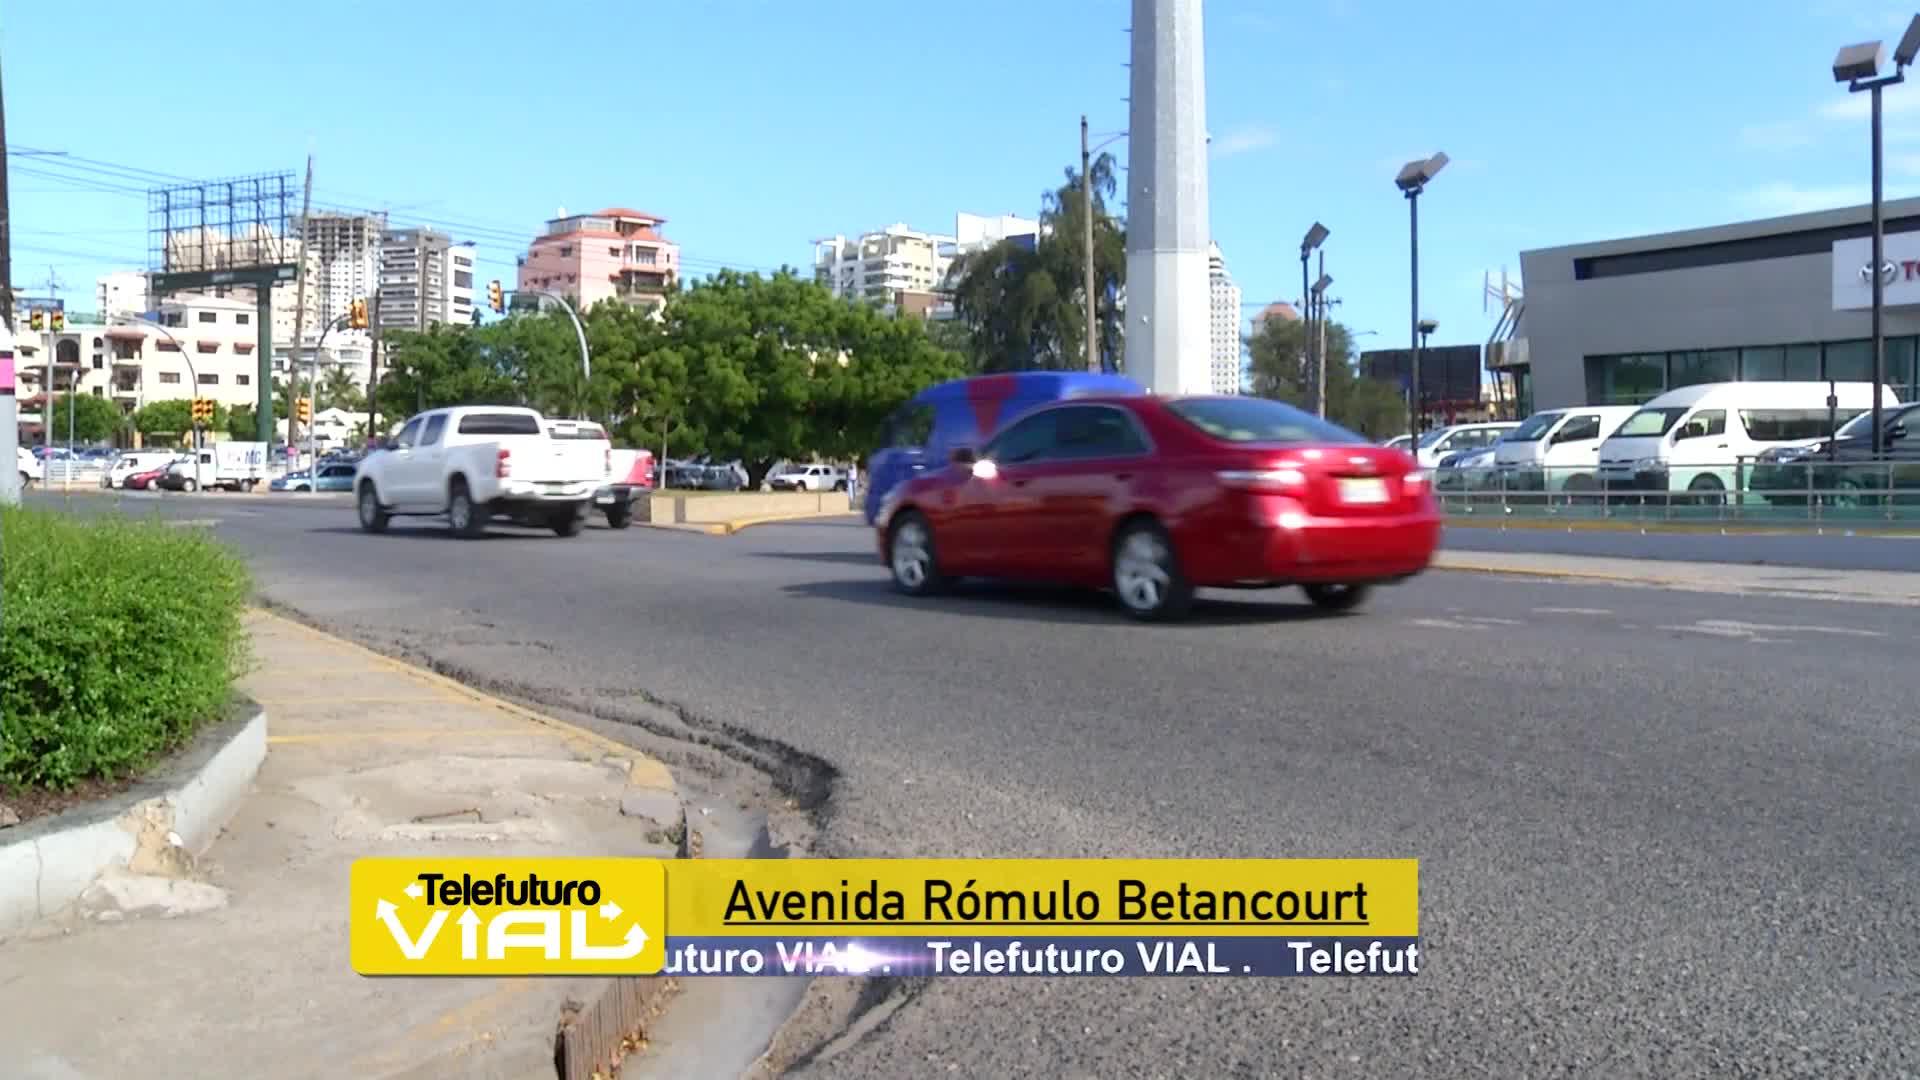 Av. Romulo Betancourt